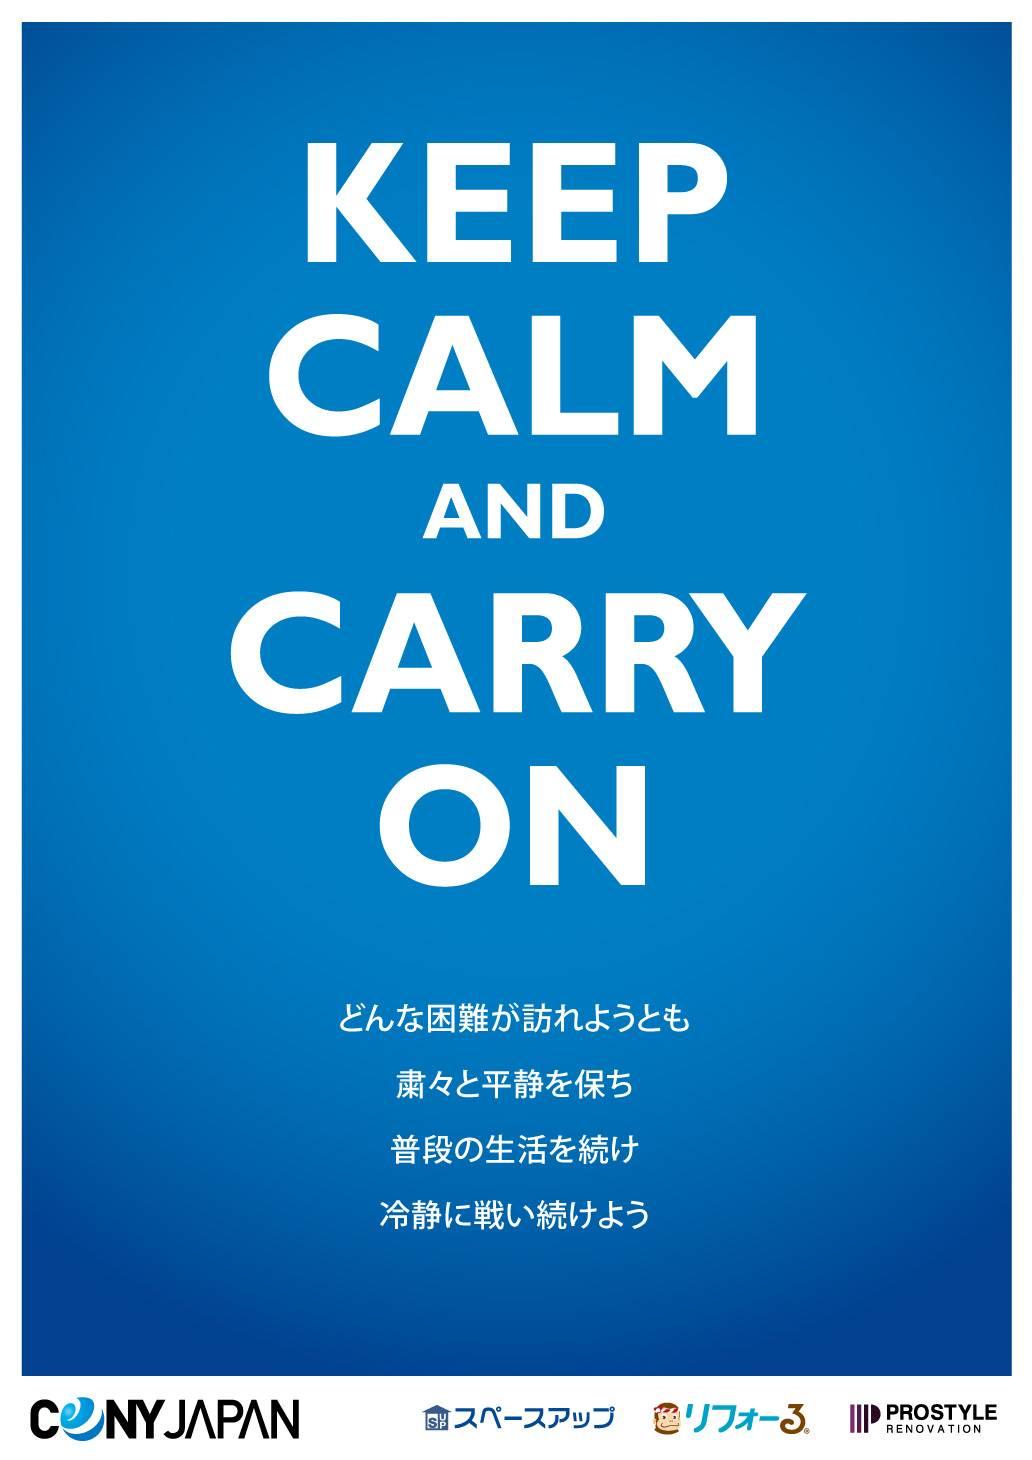 cony-japan